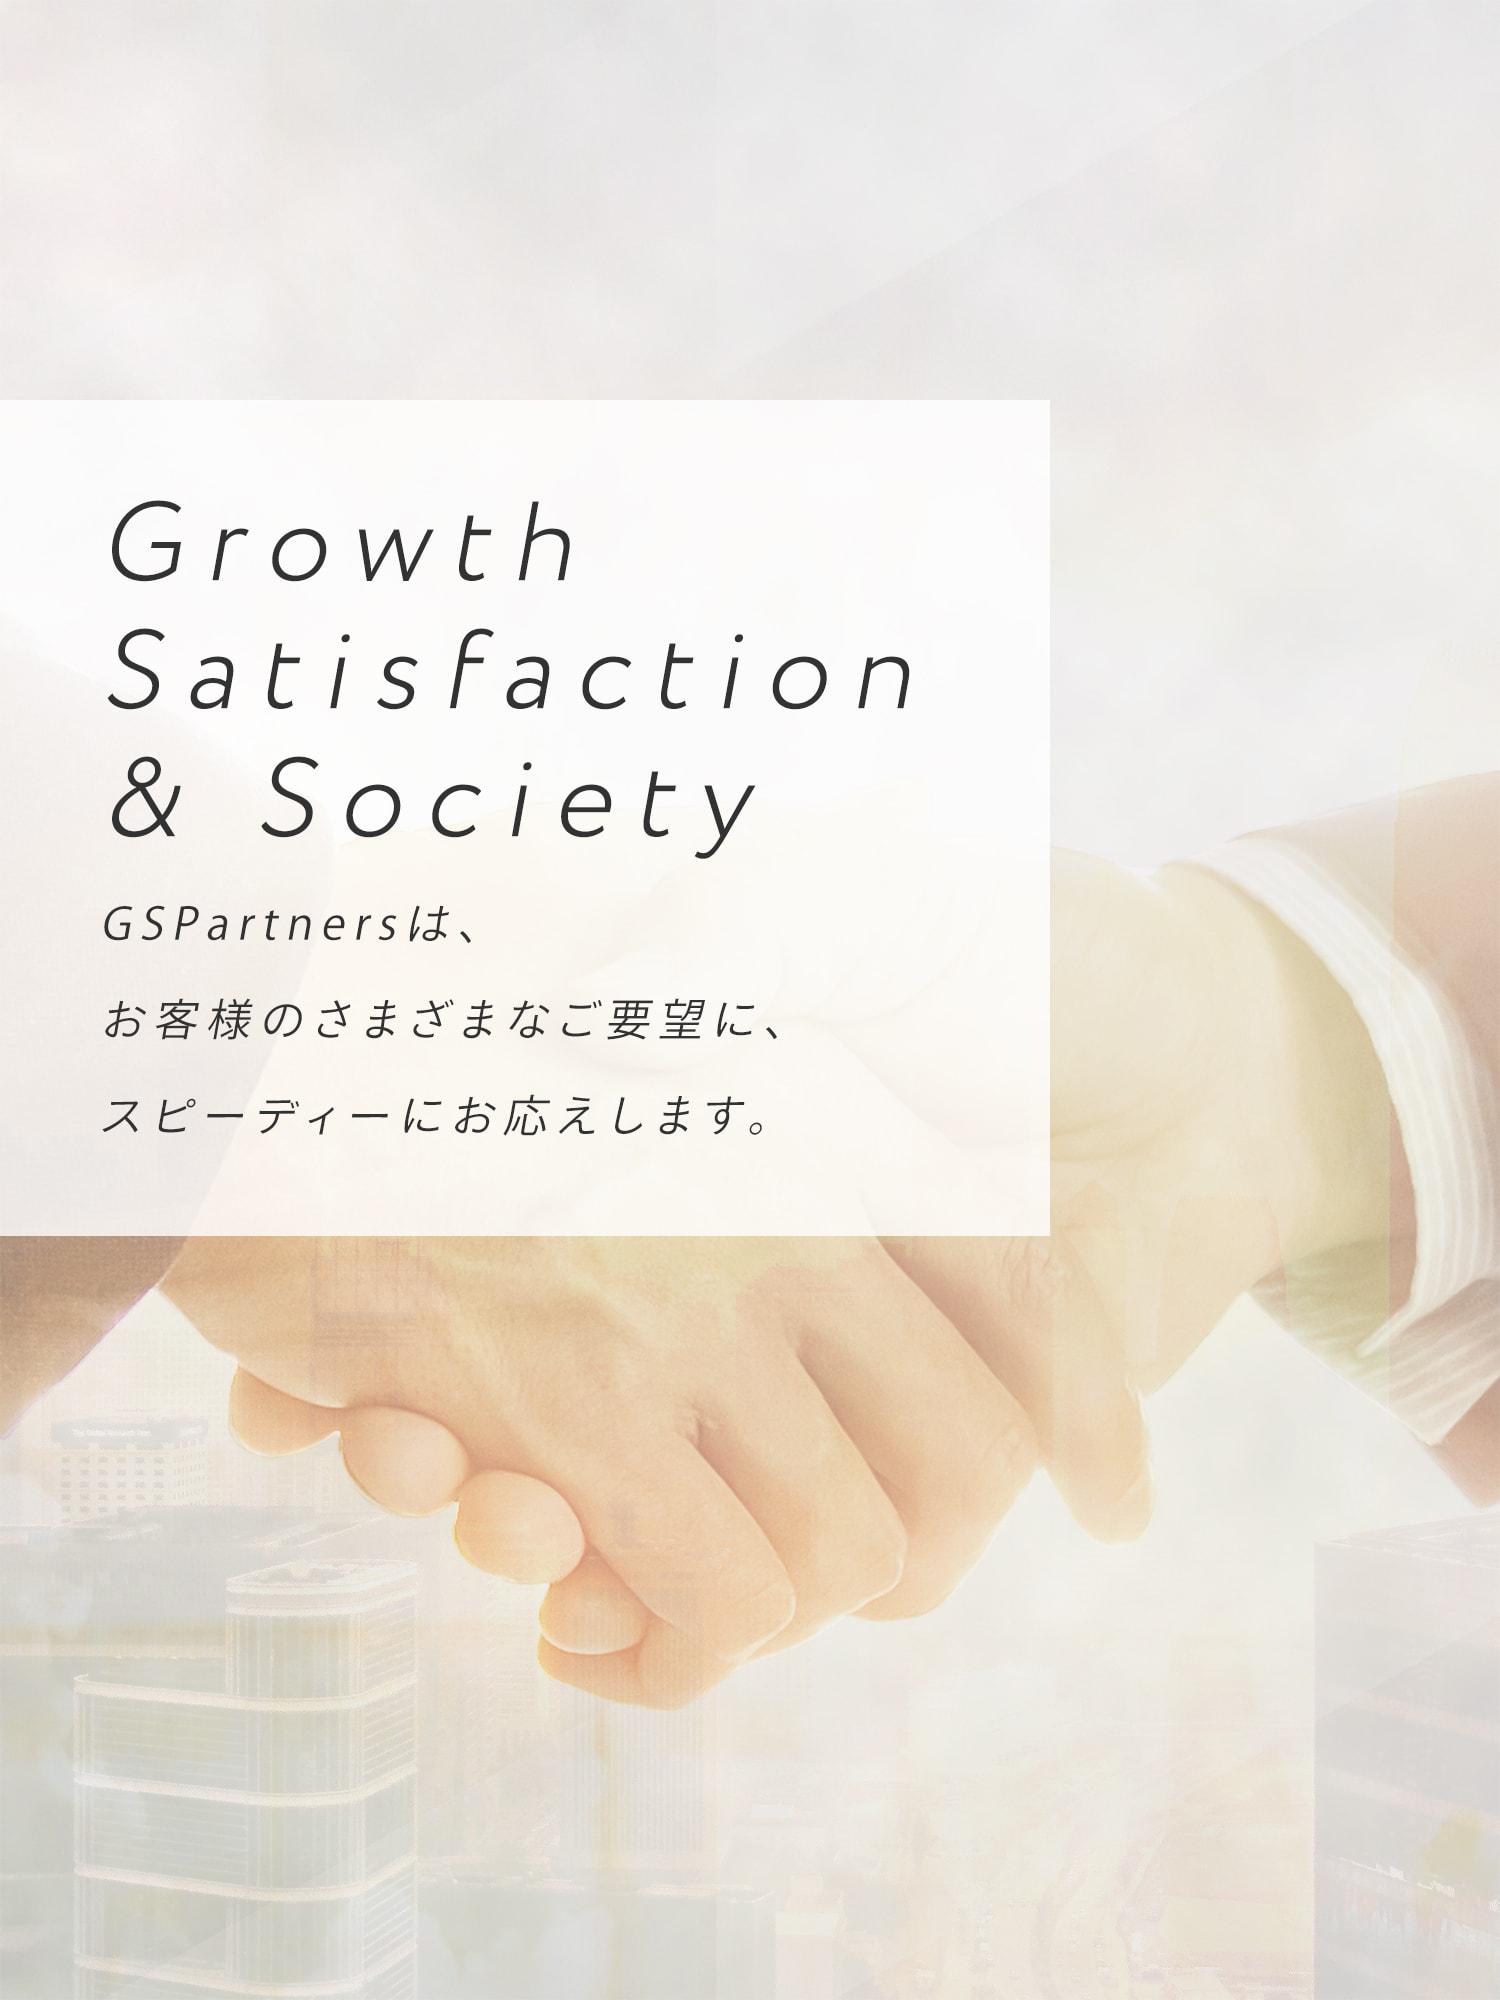 秋田のGSPartners(GSP)は、お客様のさまざまなご要望に、スピーディーにお応えします。